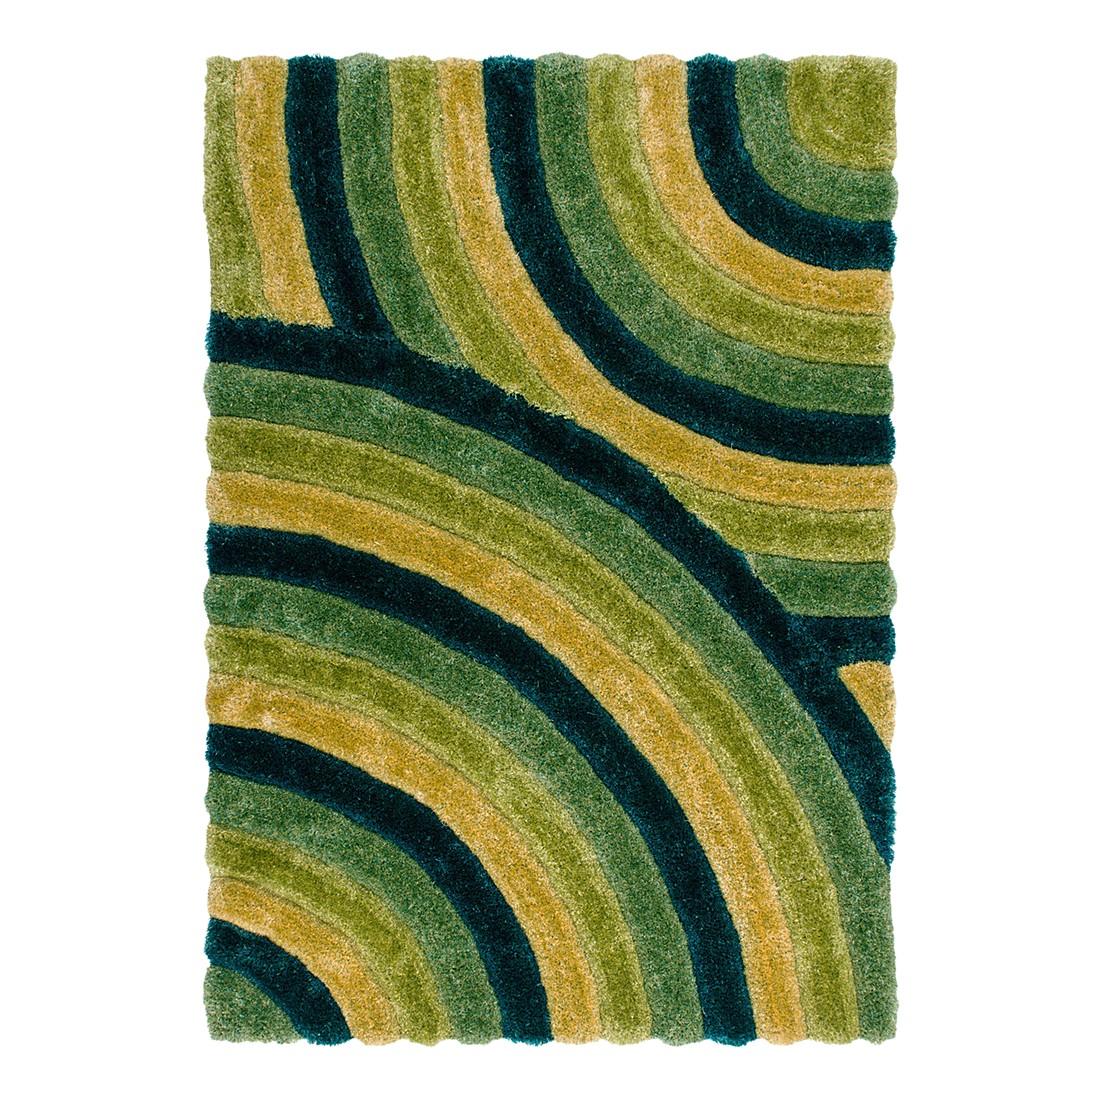 Teppich Canada – Ottawa – Mehrfarbig – 120 x 170 cm, Kayoom günstig kaufen